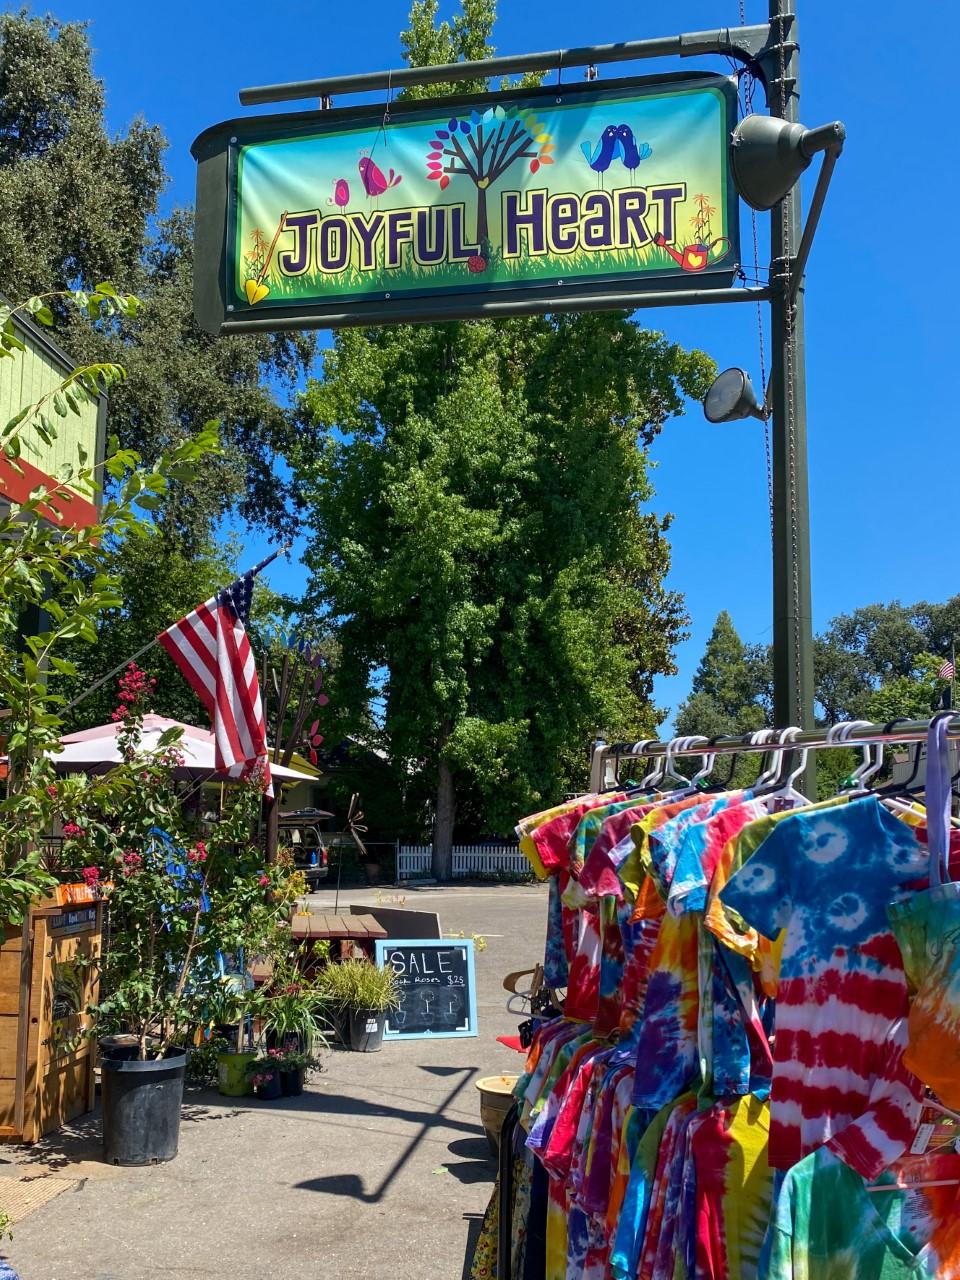 Joyful Heart Gardens